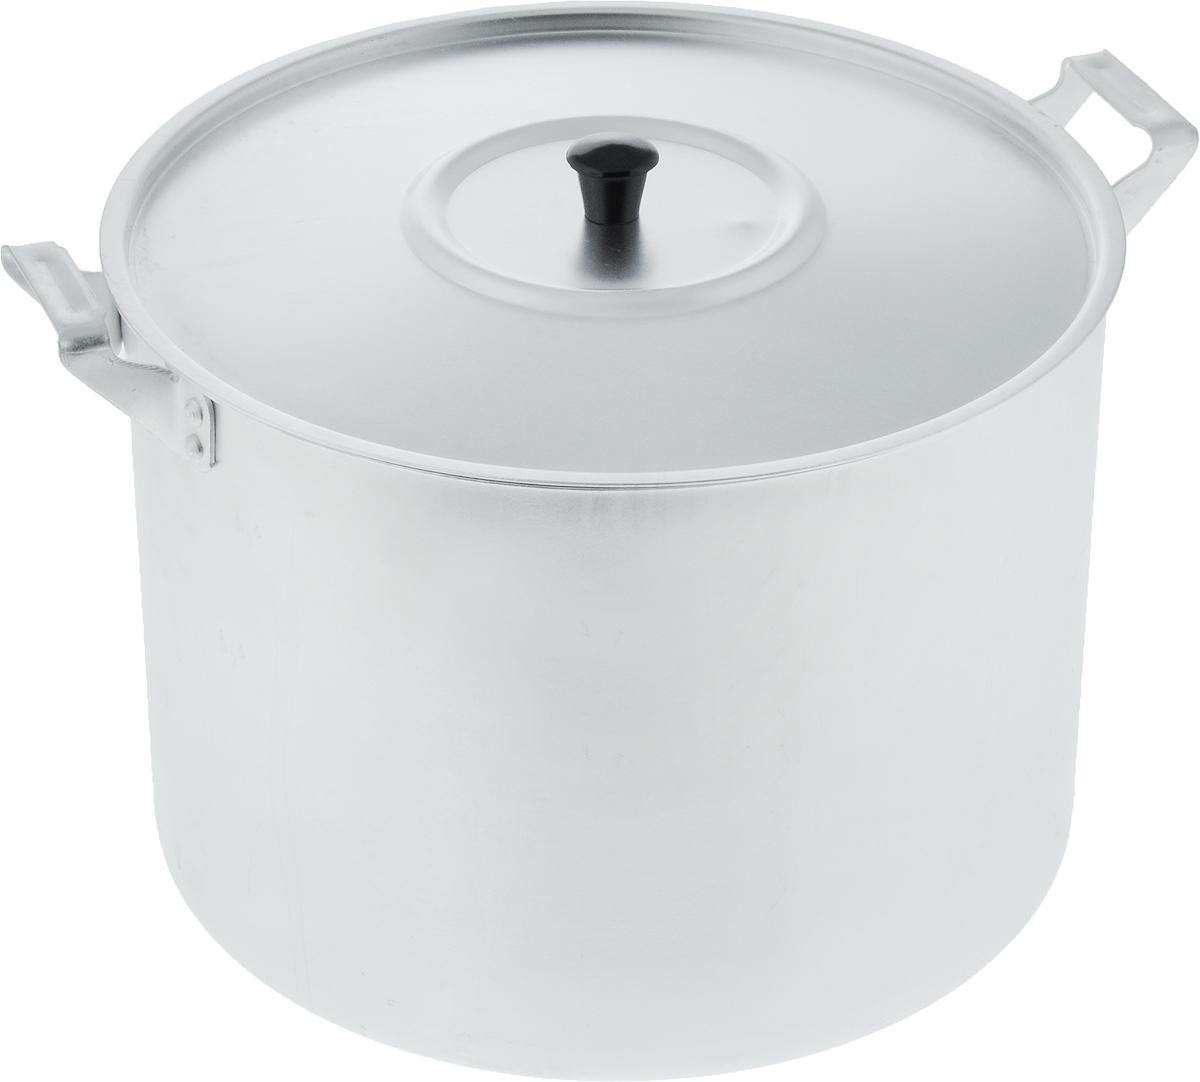 Кастрюля Scovo с крышкой, 10 лМТ-085Кастрюля Scovo с крышкой изготовлена из алюминия с полированной поверхностью. Посуда с полированной поверхностью медленно остывает, долго сохраняя тепло, поэтому идеально подходит для кипячения молока, воды, приготовления супов, каш. Кастрюля подходит для использования на всех типах плит, кроме индукционных. Можно мыть в посудомоечной машине. Алюминиевая посуда - это давно проверенная классика. Долговечная и недорогая, алюминиевая посуда не обладает привлекательным внешним видом, но может пережить многие испытания и не понести потерь. Даже деформация корпуса, в принципе, не влияет на дальнейший процесс приготовления пищи. Полированную алюминиевую посуду не рекомендуется мыть абразивными моющими средствами с использованием жестких щеток и других твердых материалов. Такая посуда пригодится не только дома, но и станет незаменимой в походах или поездках за город. Диаметр кастрюли (по верхнему краю): 26 см. Высота стенки: 19 см. Объем кастрюли: 10 л. Рекомендуем!